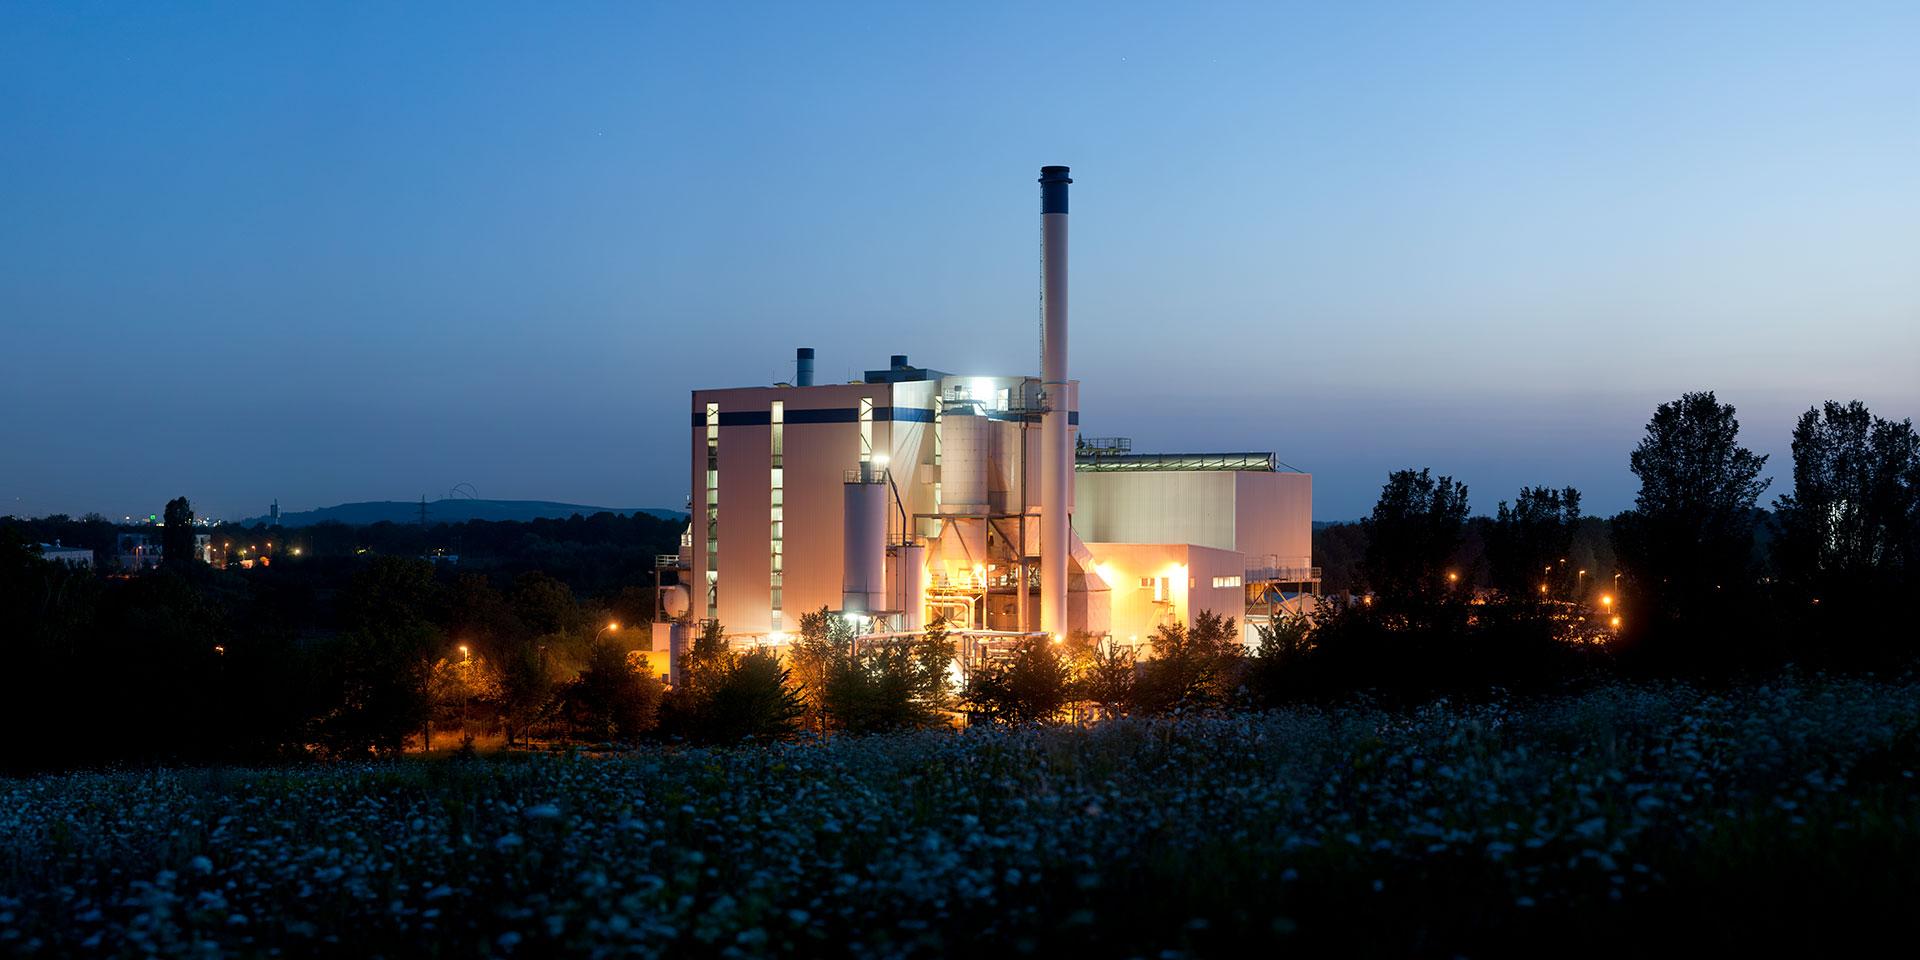 Biomasse-Kraftwerk - Suderwich - Recklinghausen